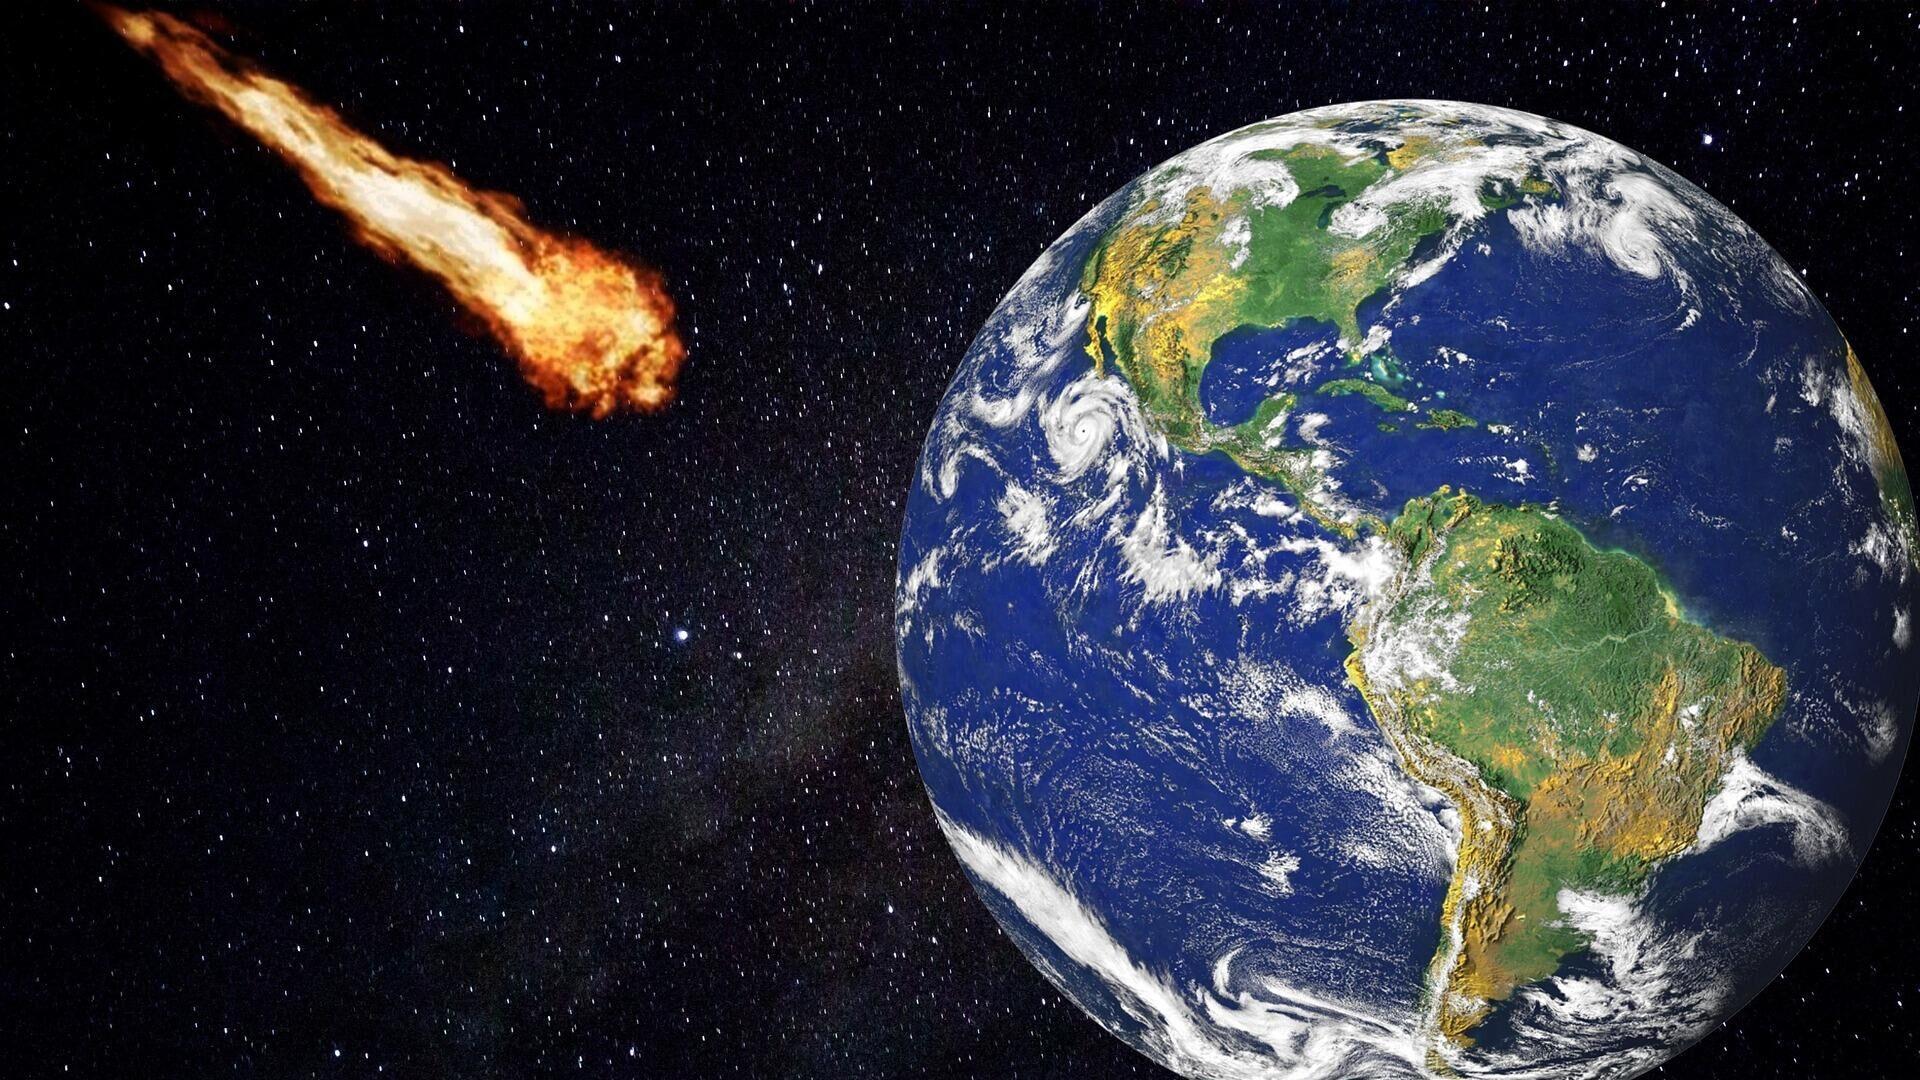 Asteroid (Symbolbild) - SNA, 1920, 04.10.2021